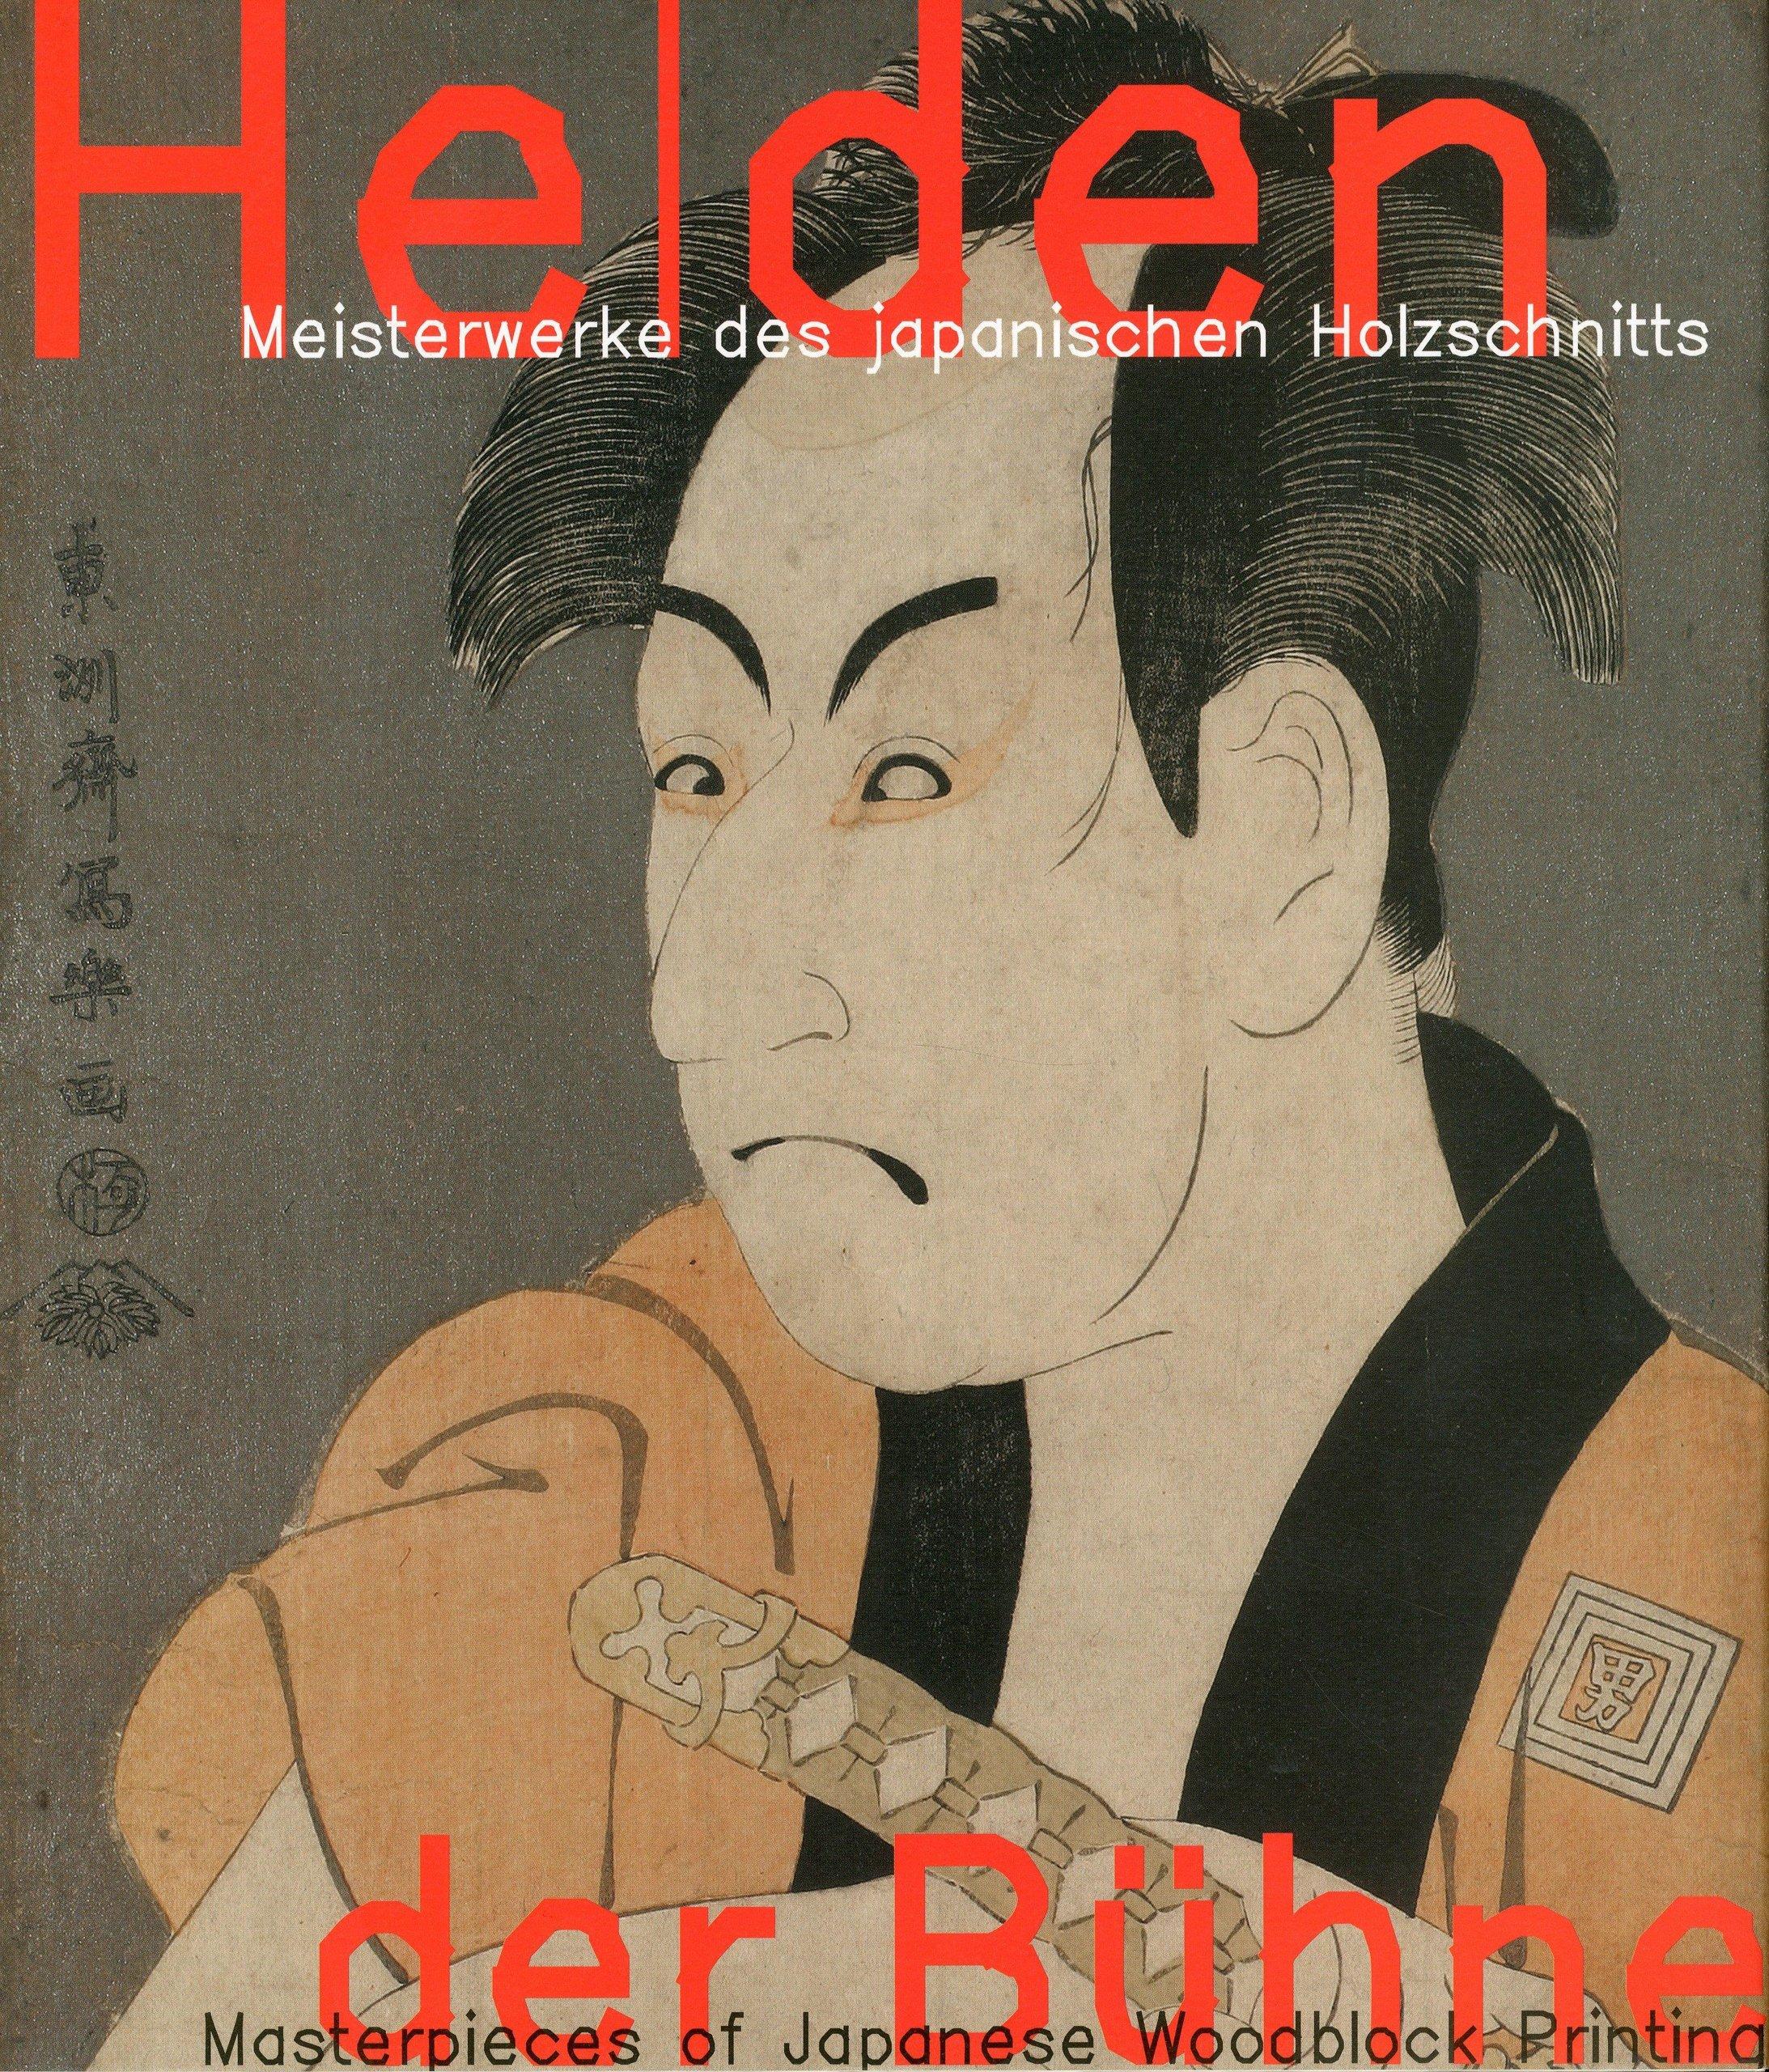 Helden der Bühne und Schönheiten der Nacht: Meisterwerke des japanischen Holzschnitts aus den Sammlungen Otto Riese und Johann Georg Geyger